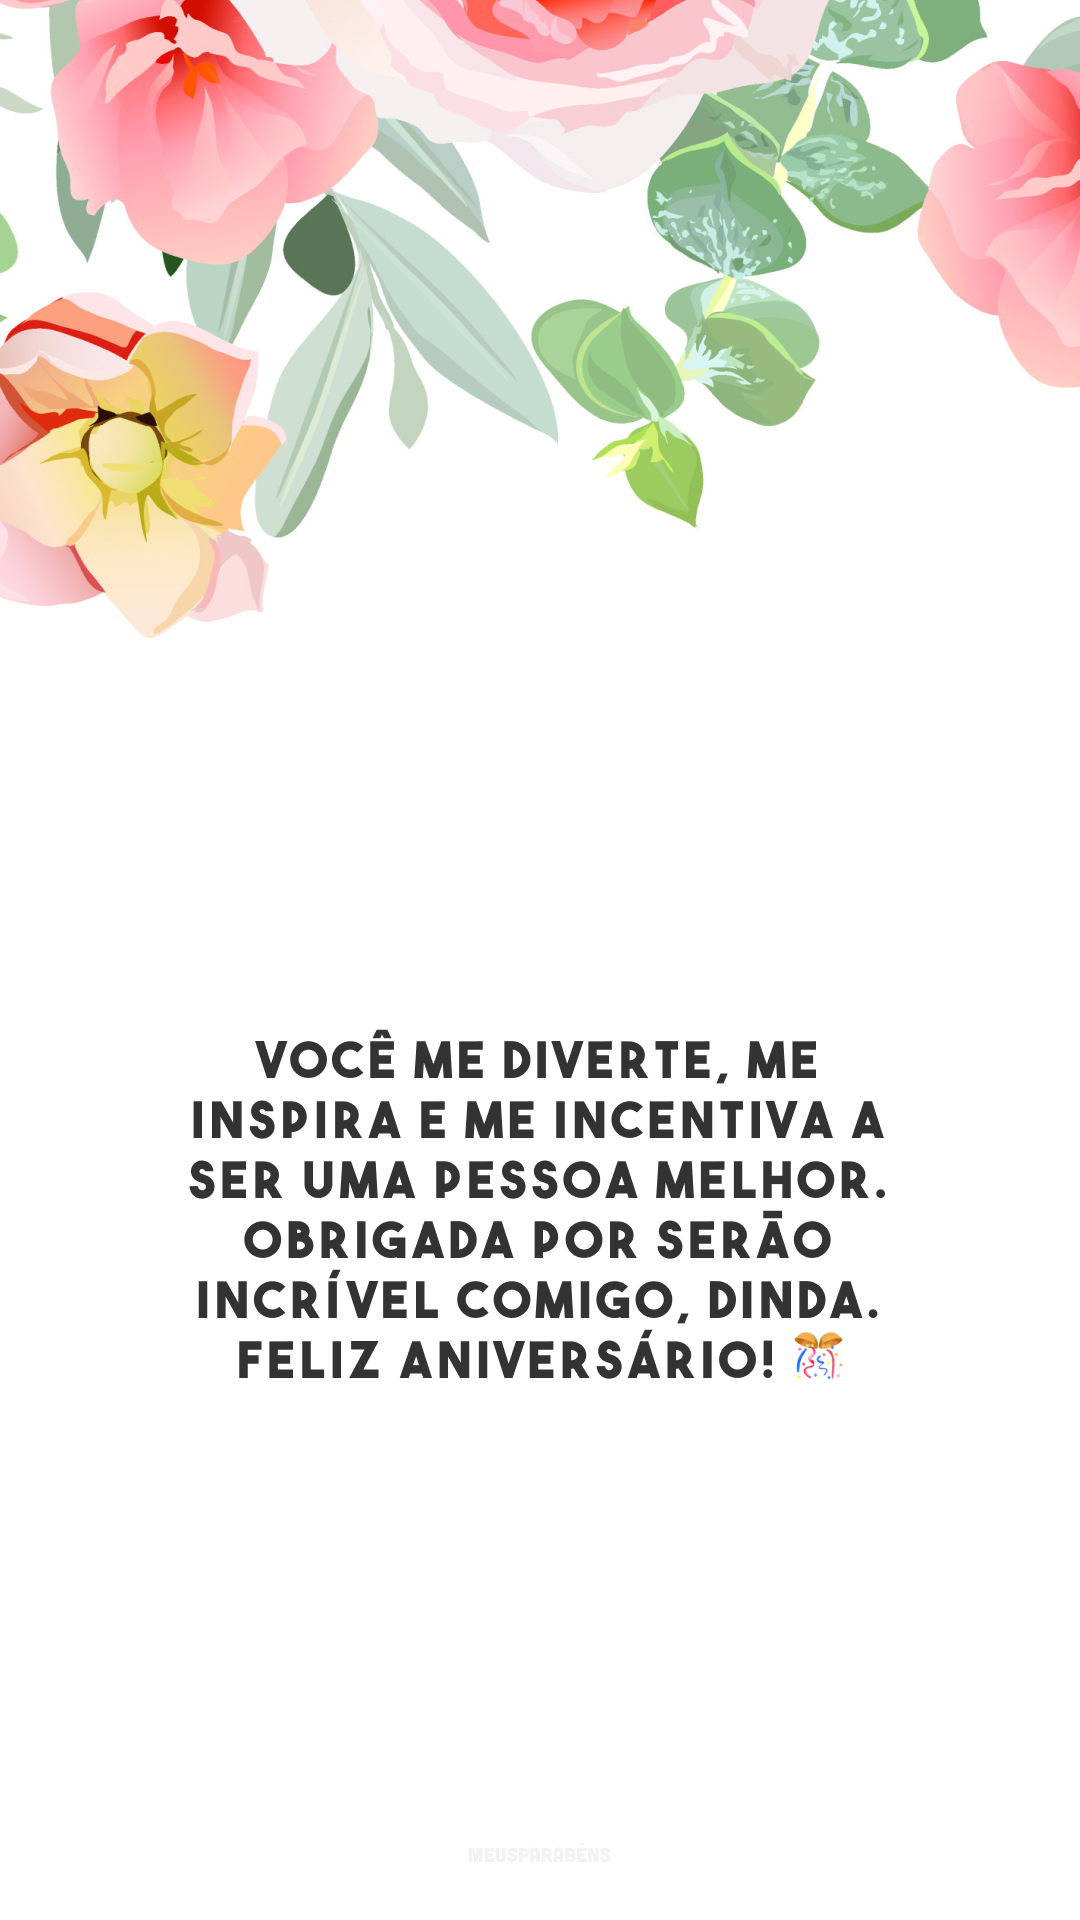 Você me diverte, me inspira e me incentiva a ser uma pessoa melhor. Obrigada por serão incrível comigo, dinda. Feliz aniversário! 🎊